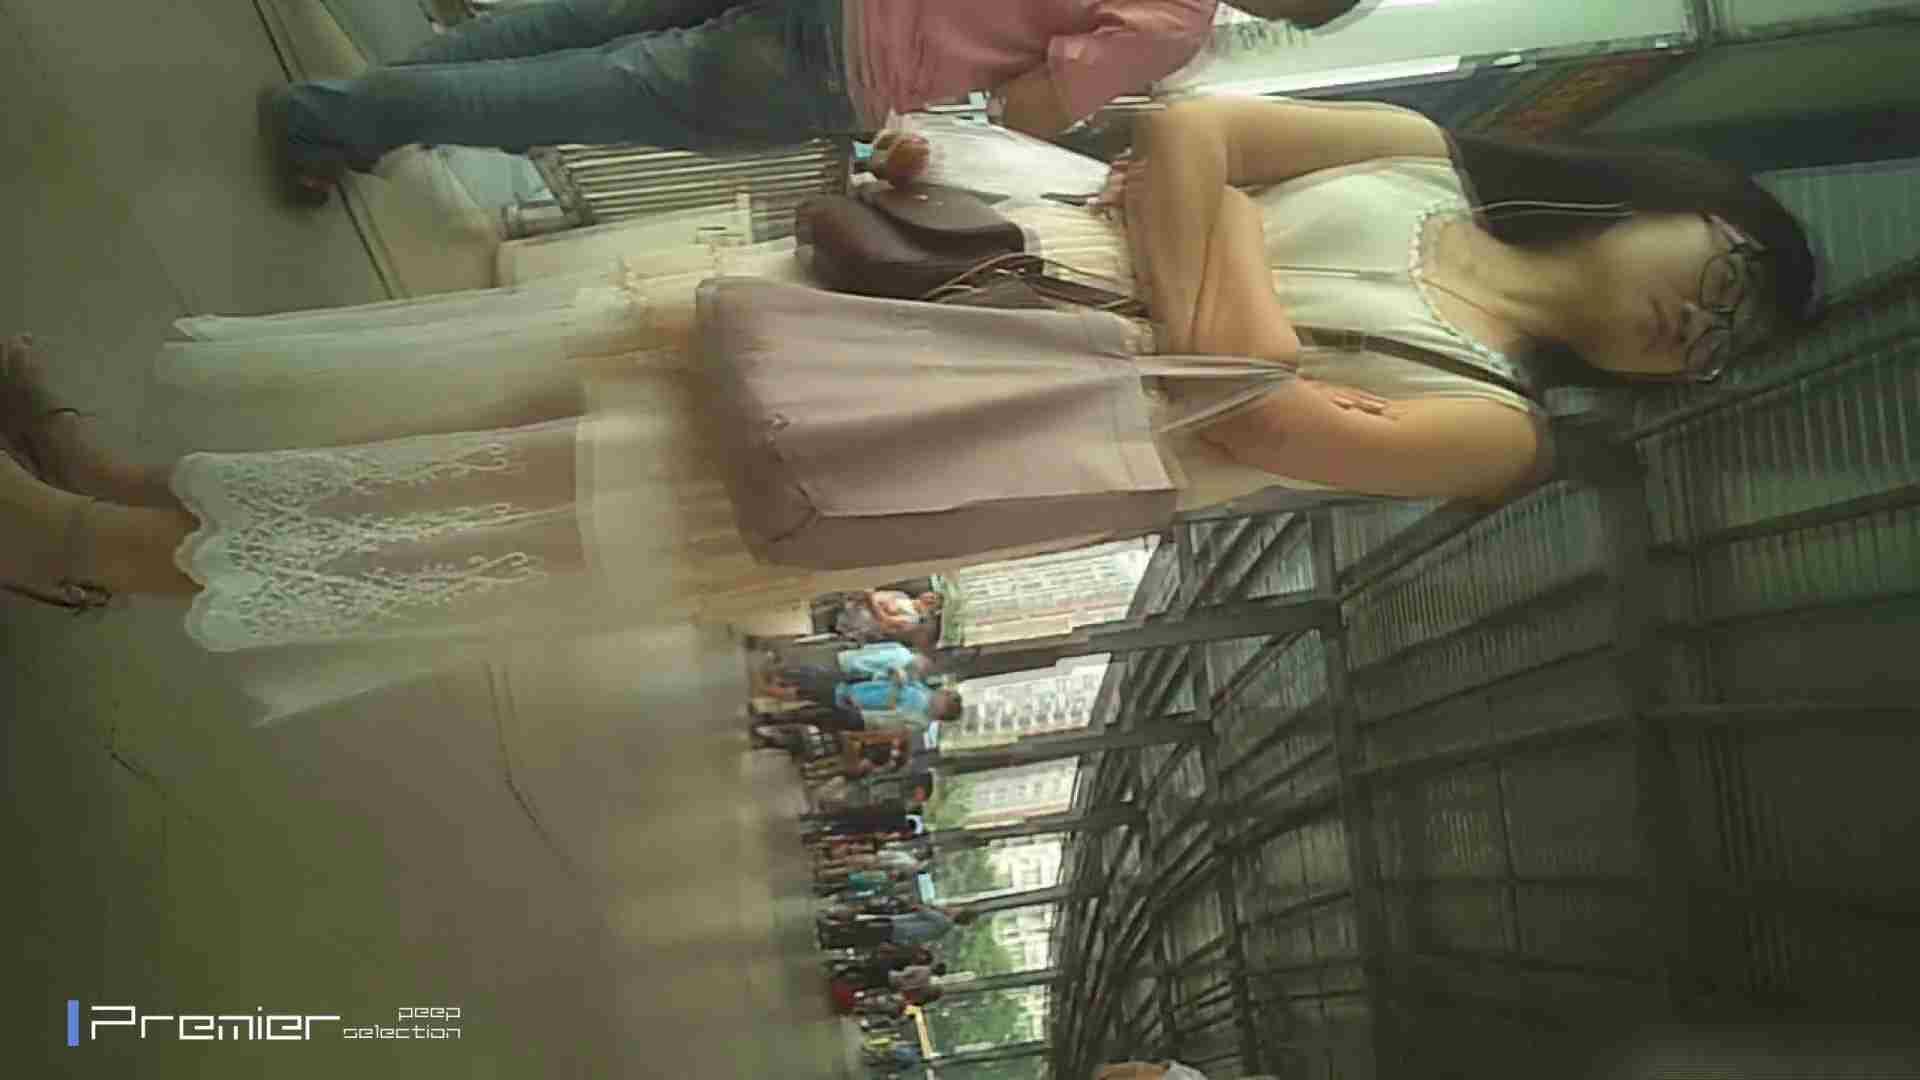 美女の痴態に密着!ギャルのパンチラVol.07 白のフリフリスカートの中 美女 オメコ無修正動画無料 101画像 60